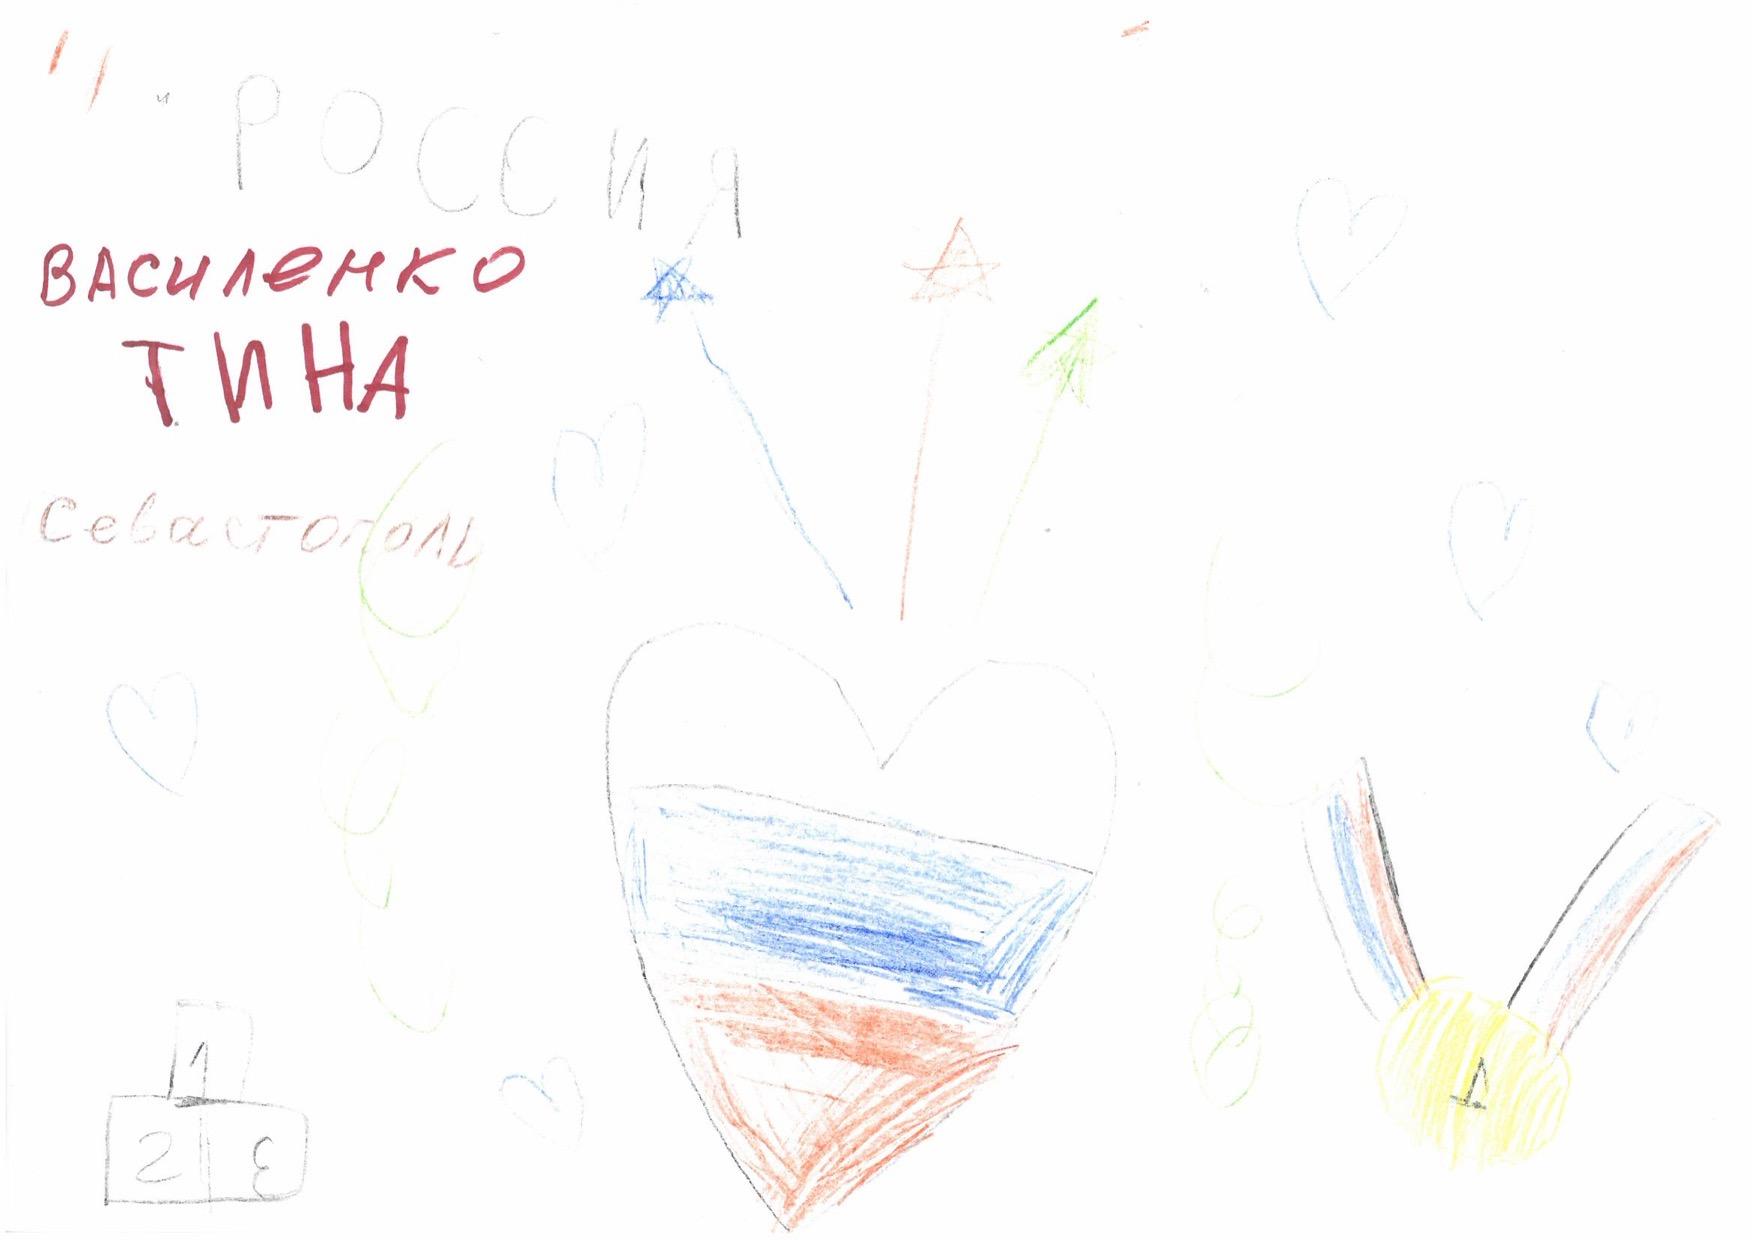 Жители Нахимовского муниципального округа г. Севастополя направили рисунки и пожелания в поддержку Паралимпийской сборной России